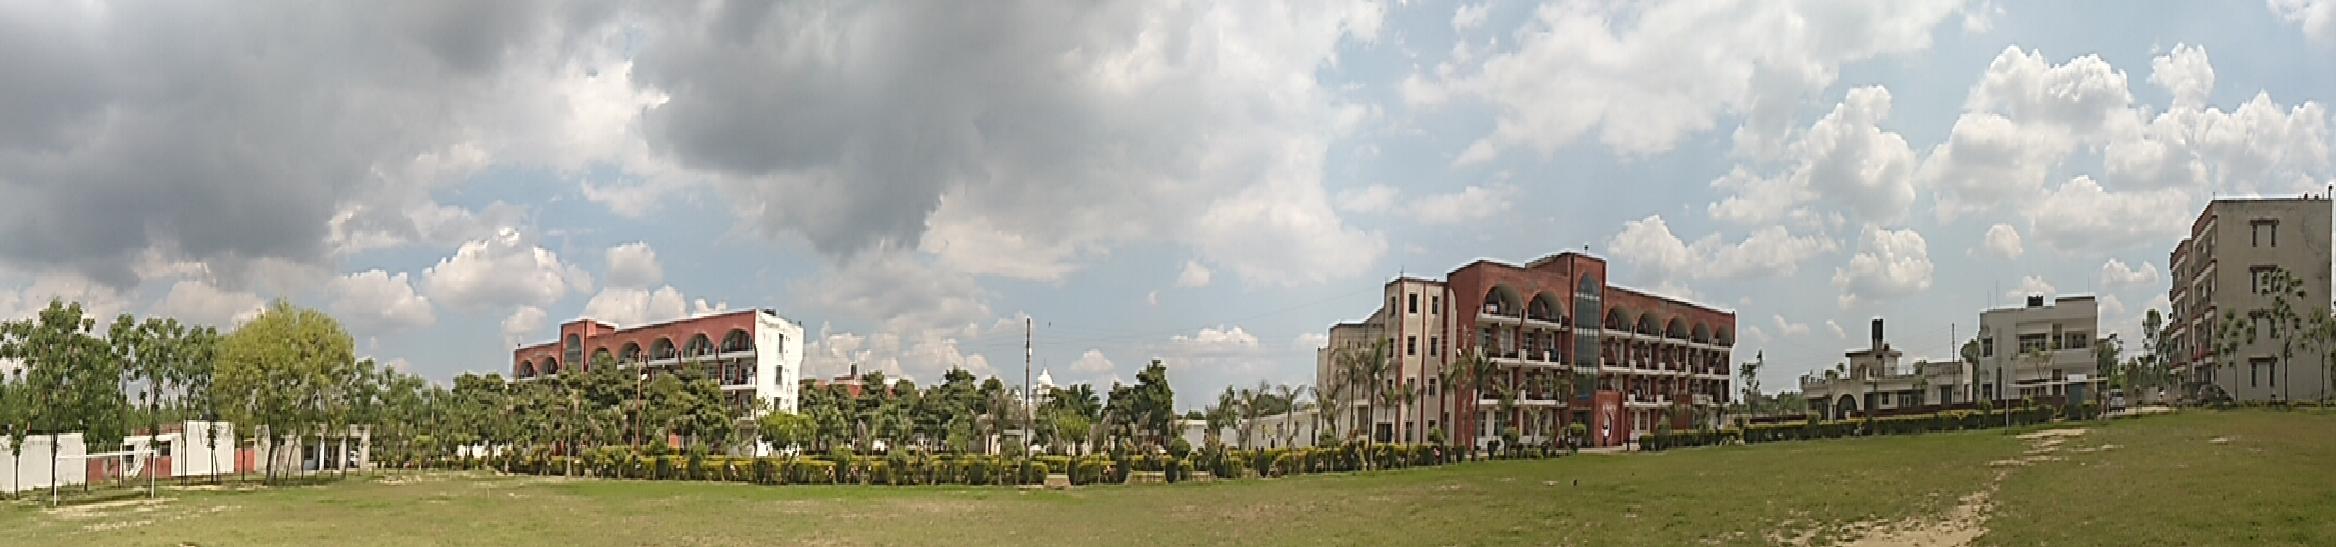 Swami Sarvanand Giri Punjab University Regional Centre, Sadhu Ashram, Bajwara, Hoshiarpur